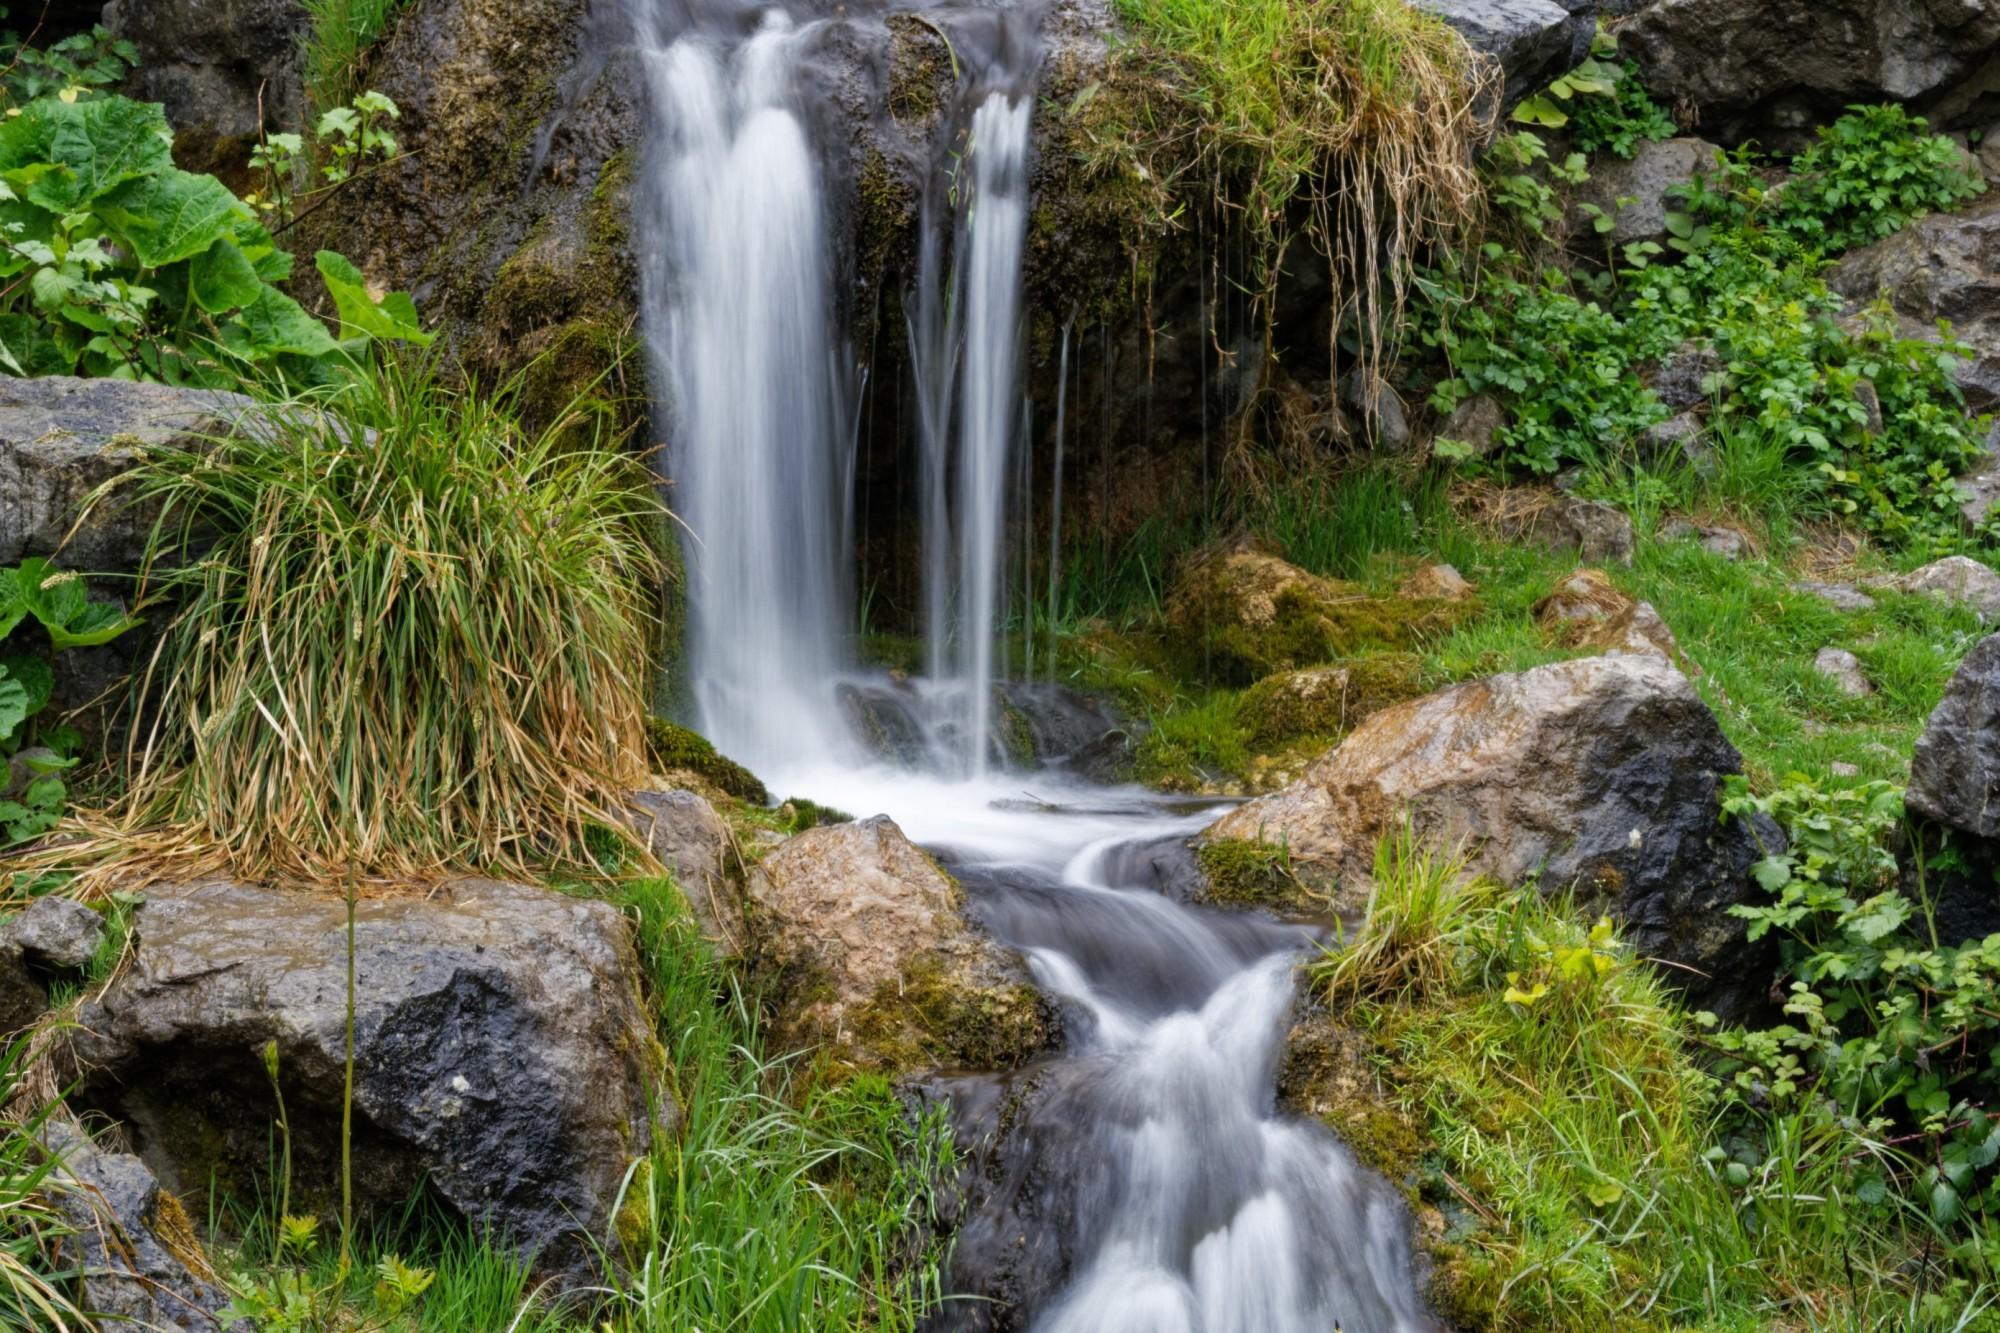 wasserfall im saftigen grün